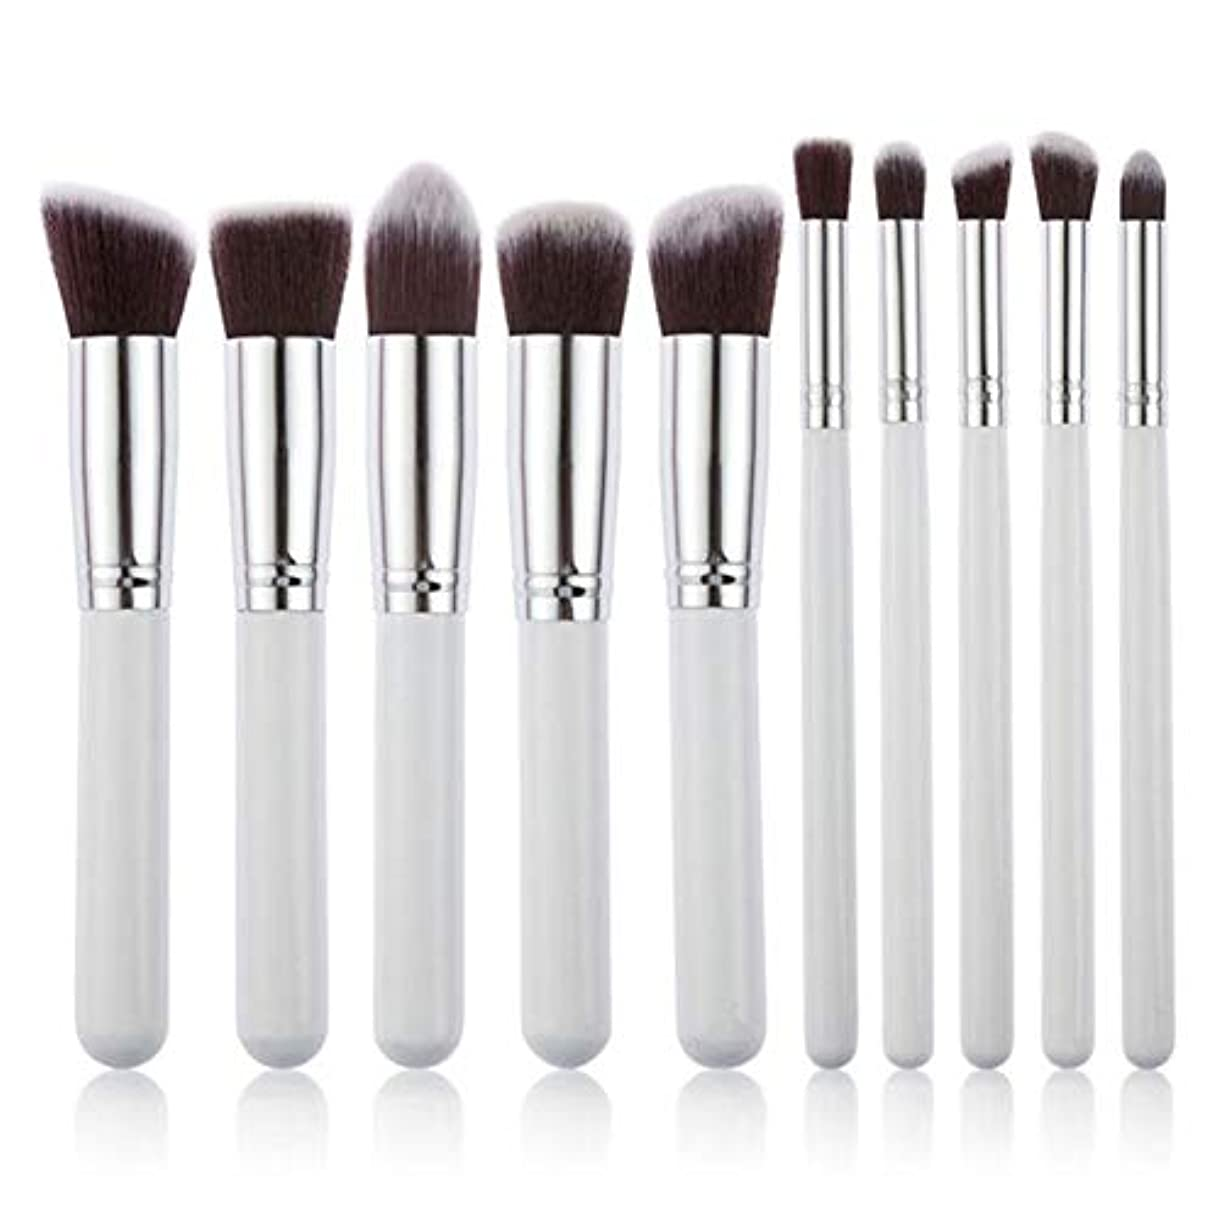 マングルトチの実の木自分を引き上げるMakeup brushes 10ピースWhiteMakeupブラシセットモダンスラックパウダーブラシアイシャドウブラシコンターブラシ suits (Color : White Silver)